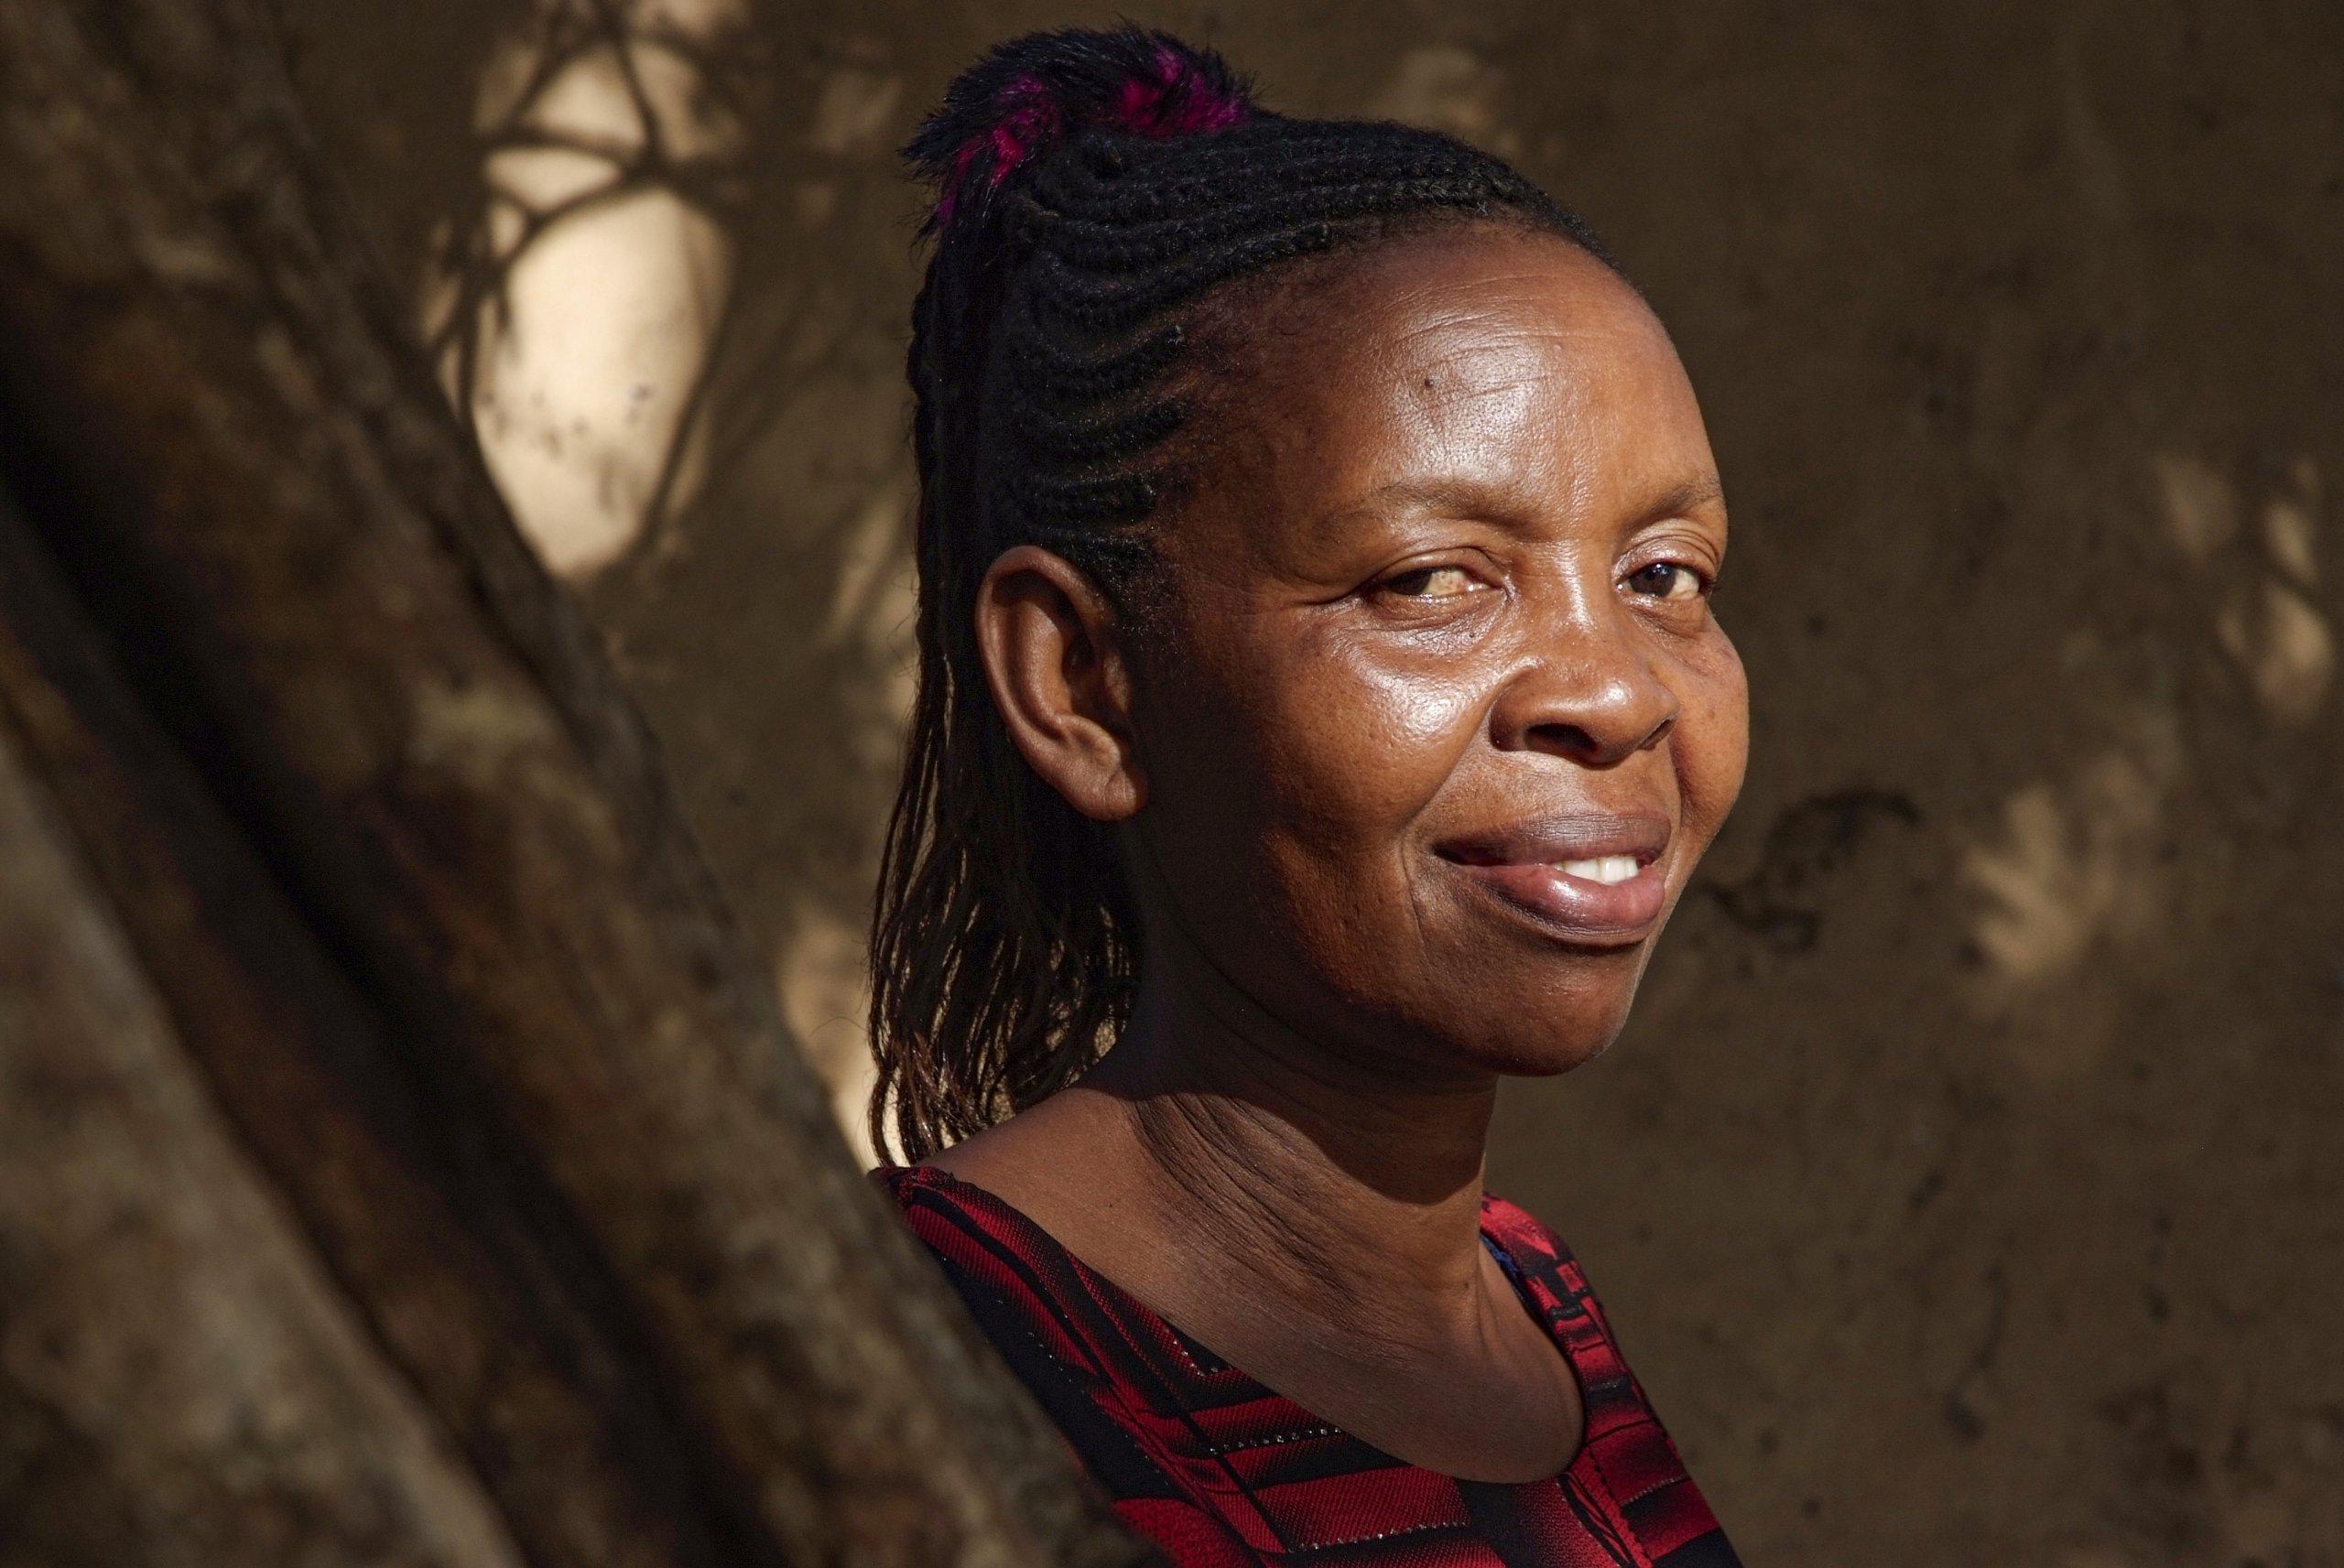 39 02 boerin trotsevrouw Victoria Mbaga Maramba Tanzania 6273 scaled